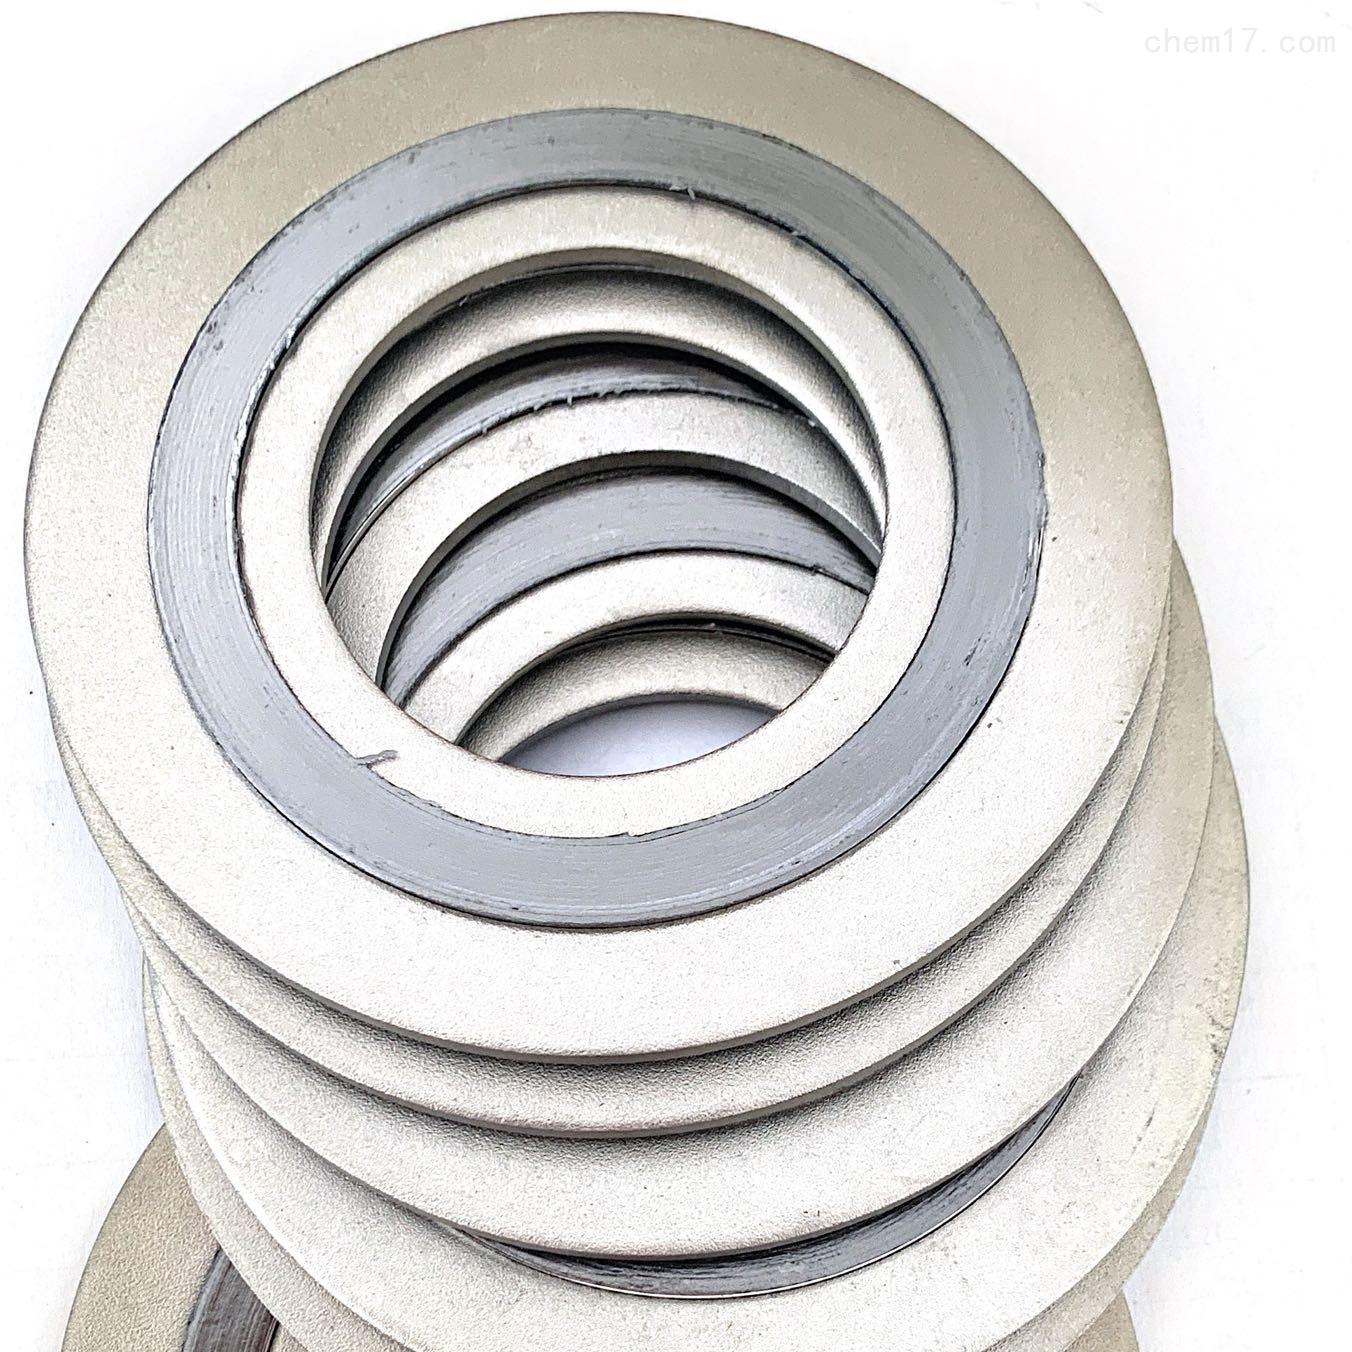 金属缠绕垫片密封效果